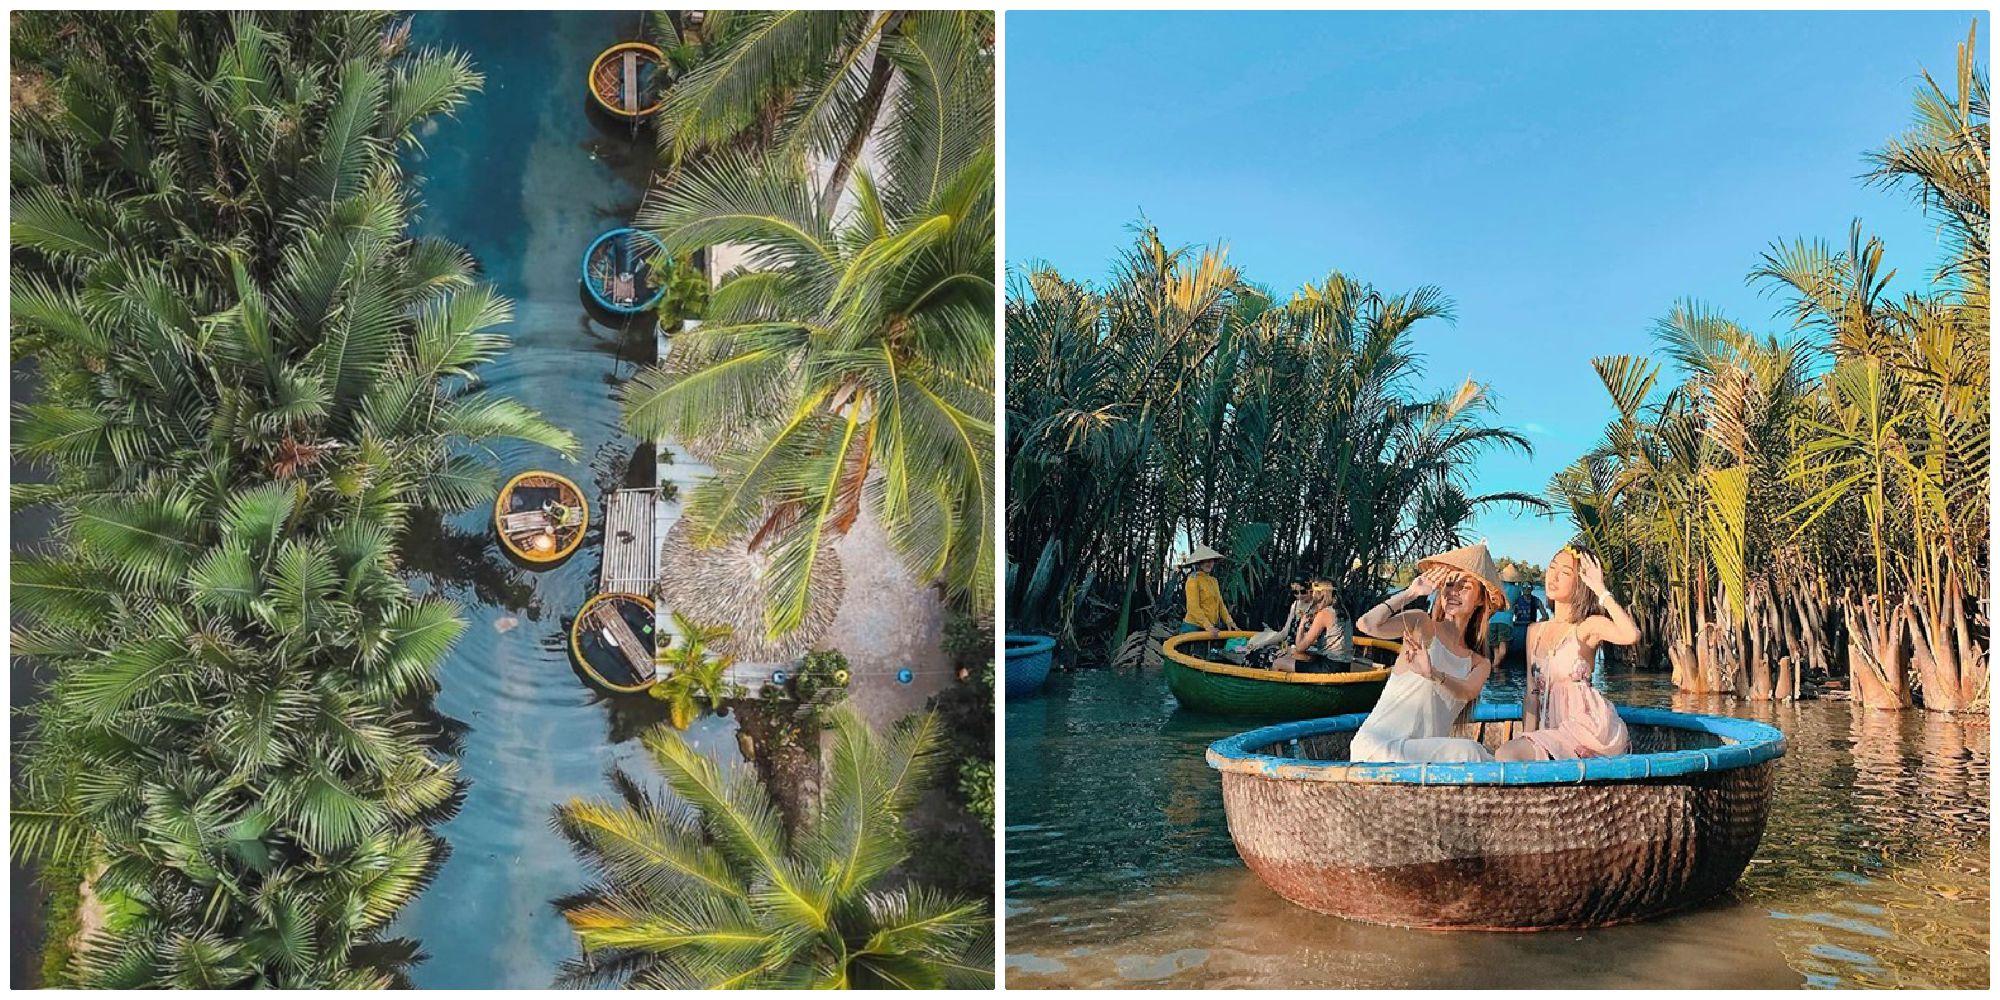 """Phố cổ đông quá thì mình xuôi dòng trải nghiệm """"miền Tây trong lòng Hội An"""" ở rừng dừa Bảy Mẫu"""